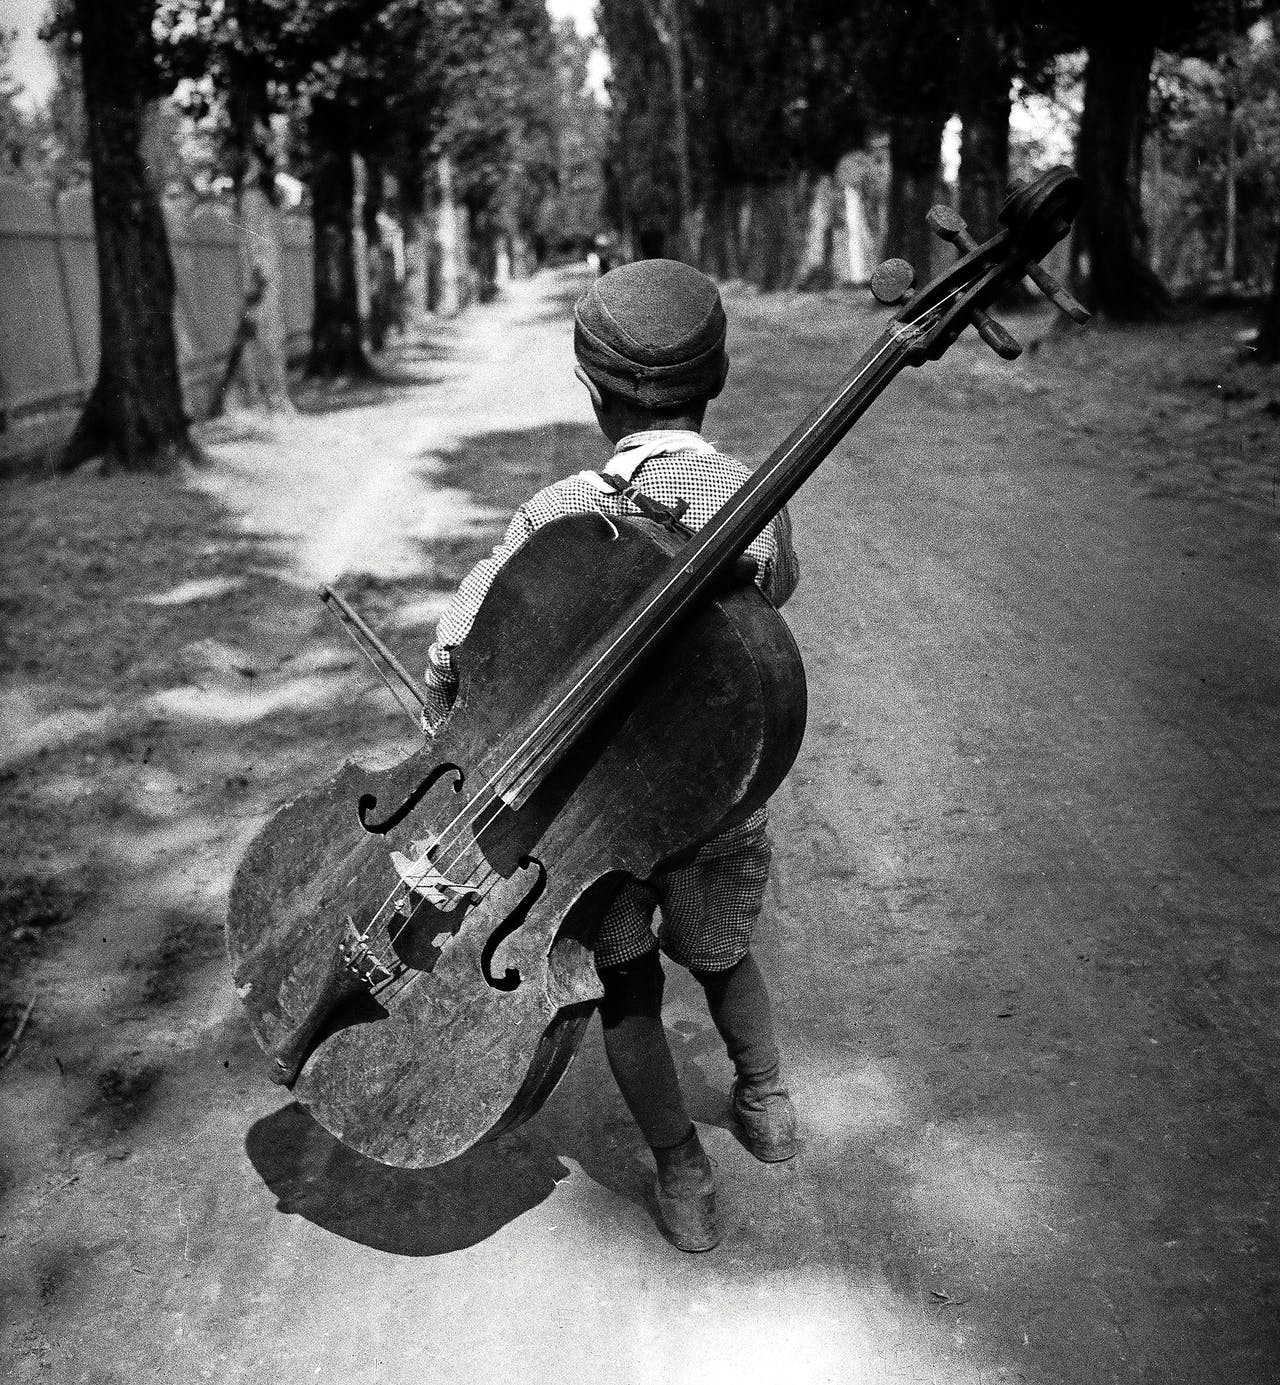 Hongarije, Balatonmeer, 1931. Zigeunerjongen met een cello op zijn rug, Eva Besnyö. Formaat: 40 x 43,3 cm.